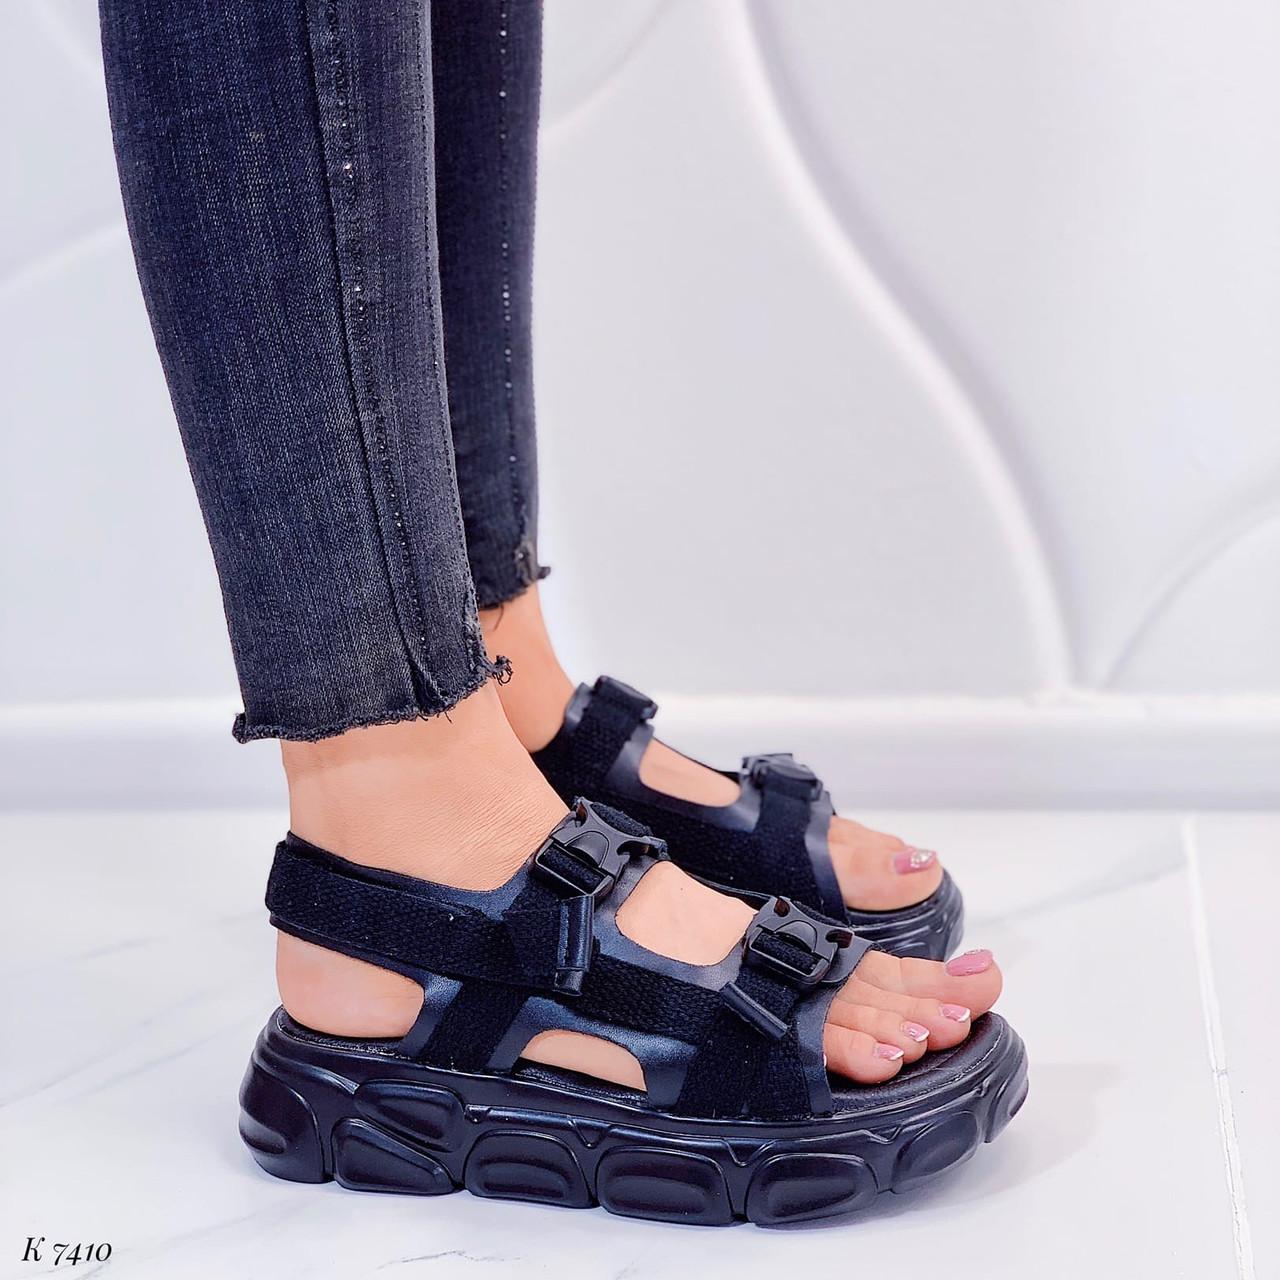 Женские босоножки спортивные черные эко-кожа + текстиль